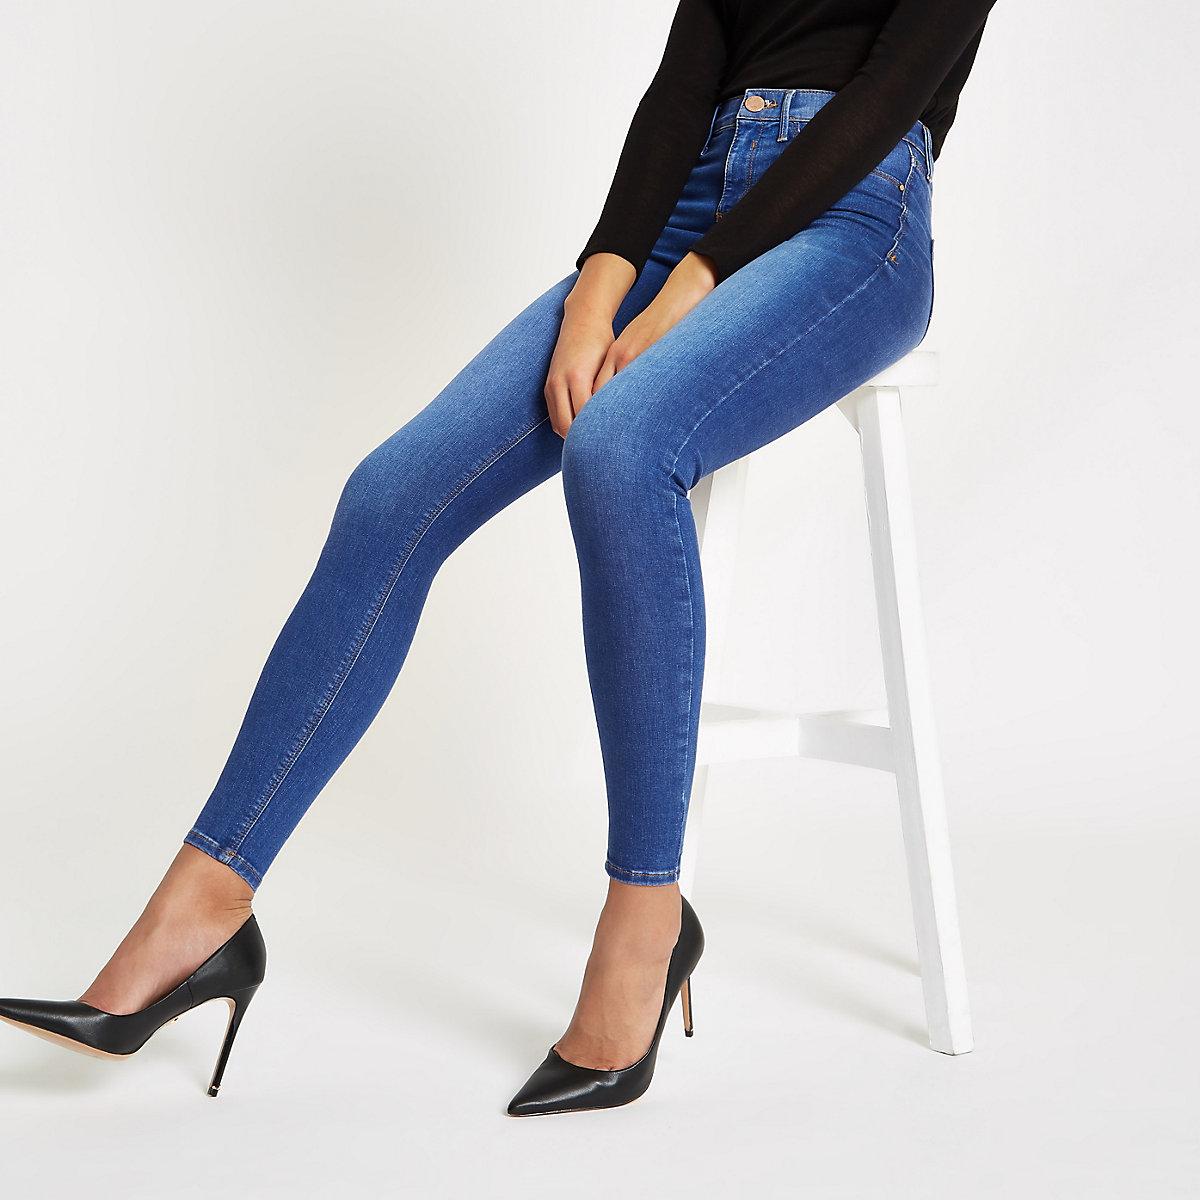 Molly – Jegging en jean bleu taille mi-haute